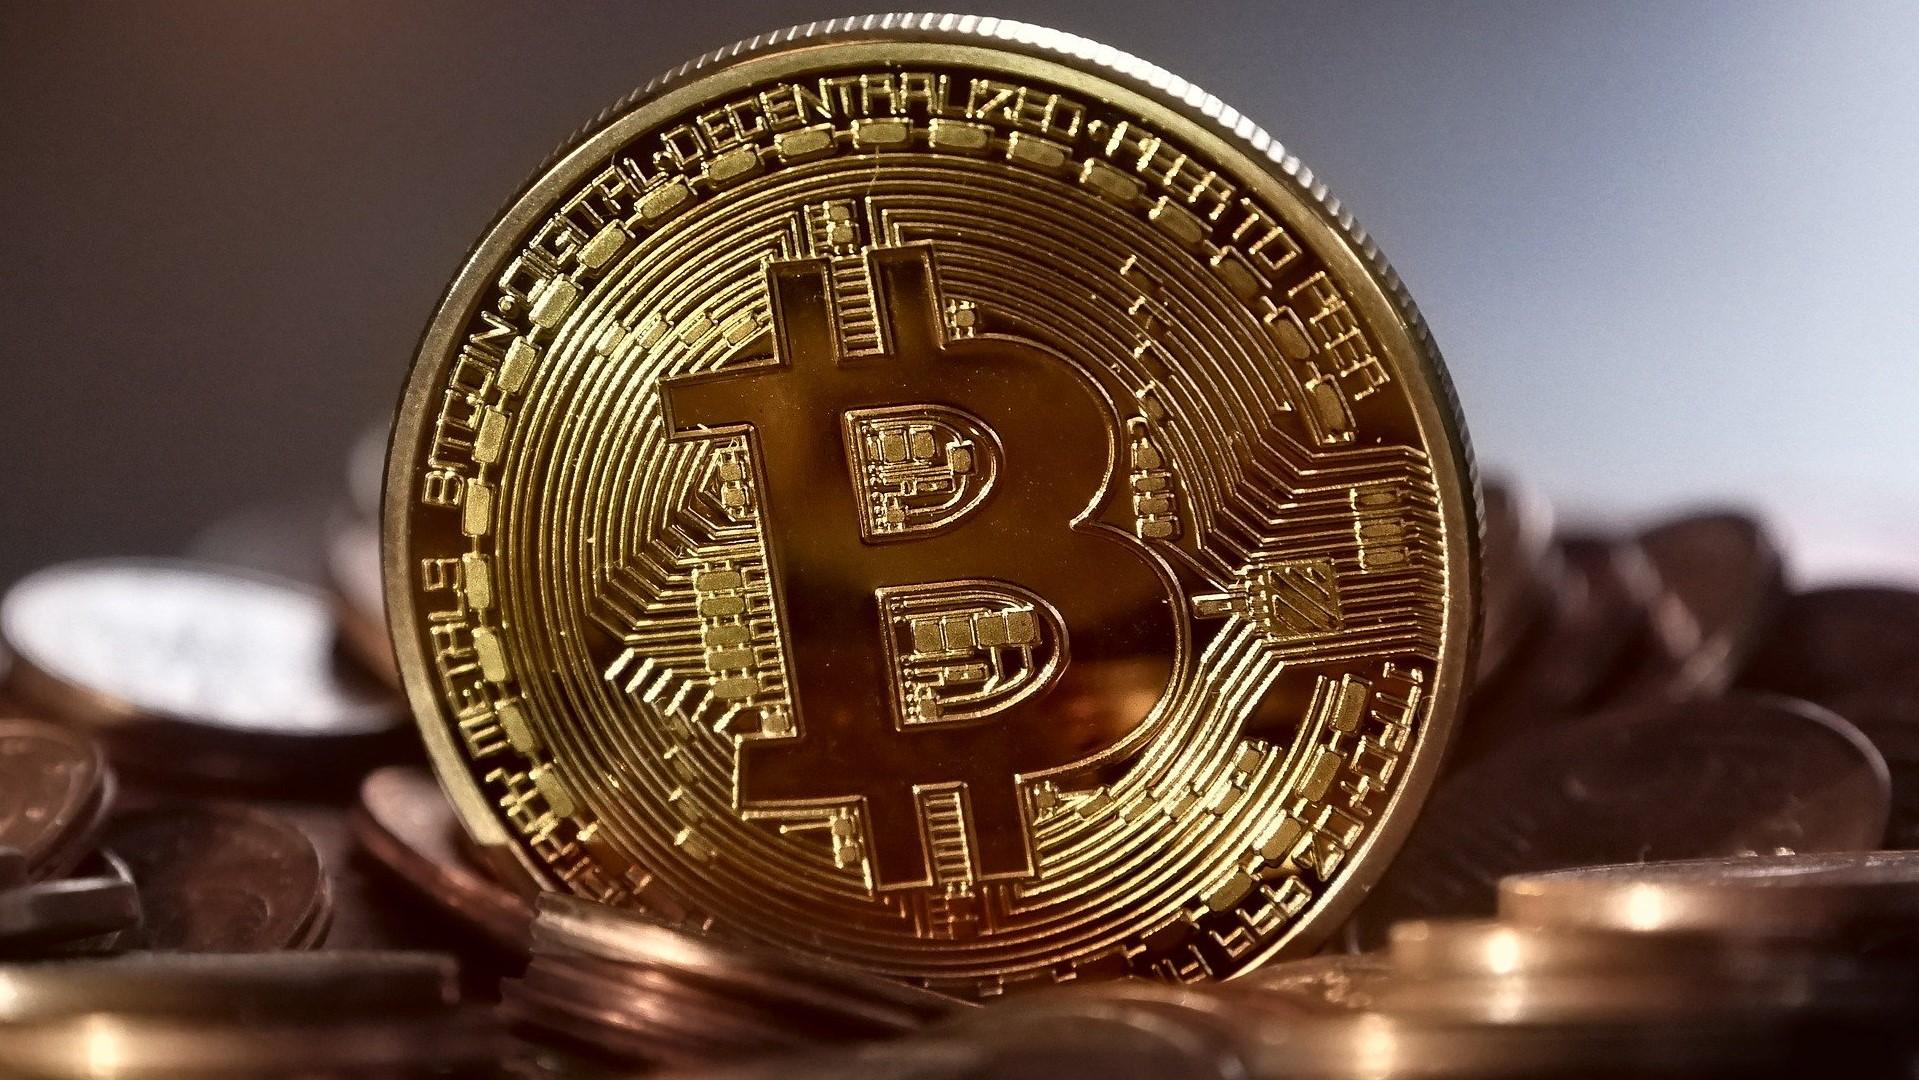 IMAGEM: Após tombo, Bitcoin se recupera e volta a atingir o patamar de US$ 40 mil